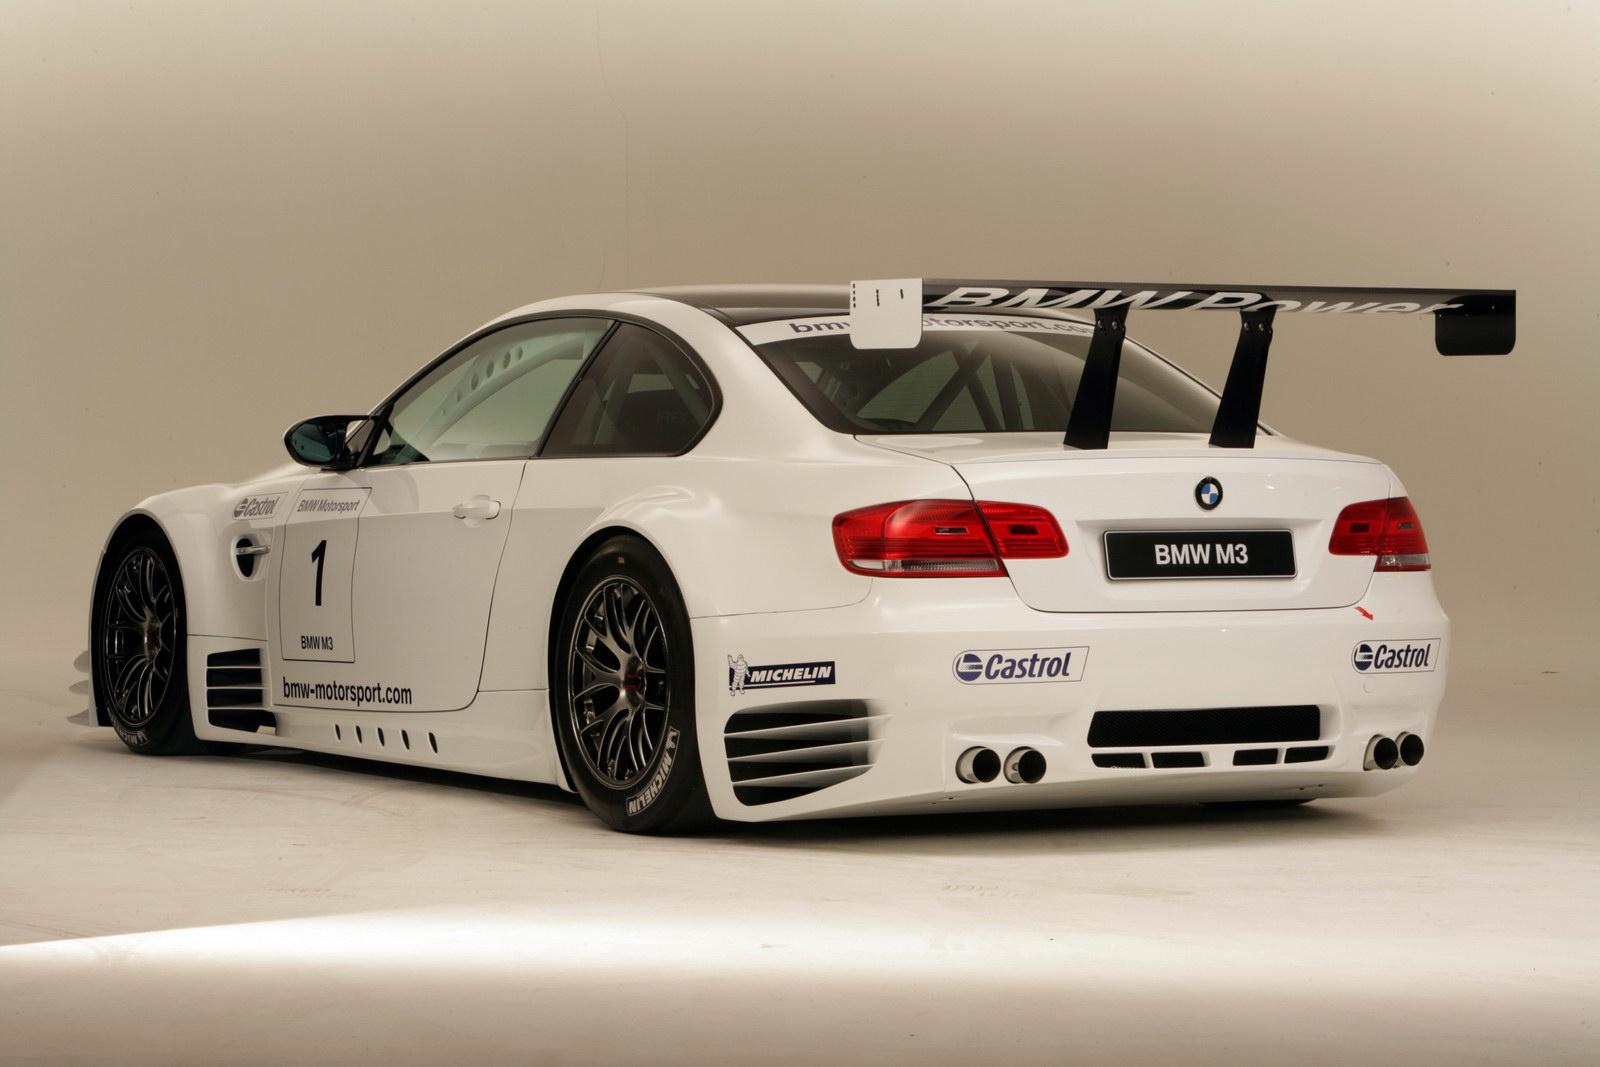 2008 BMW M3 - Exterior Pictures - CarGurus